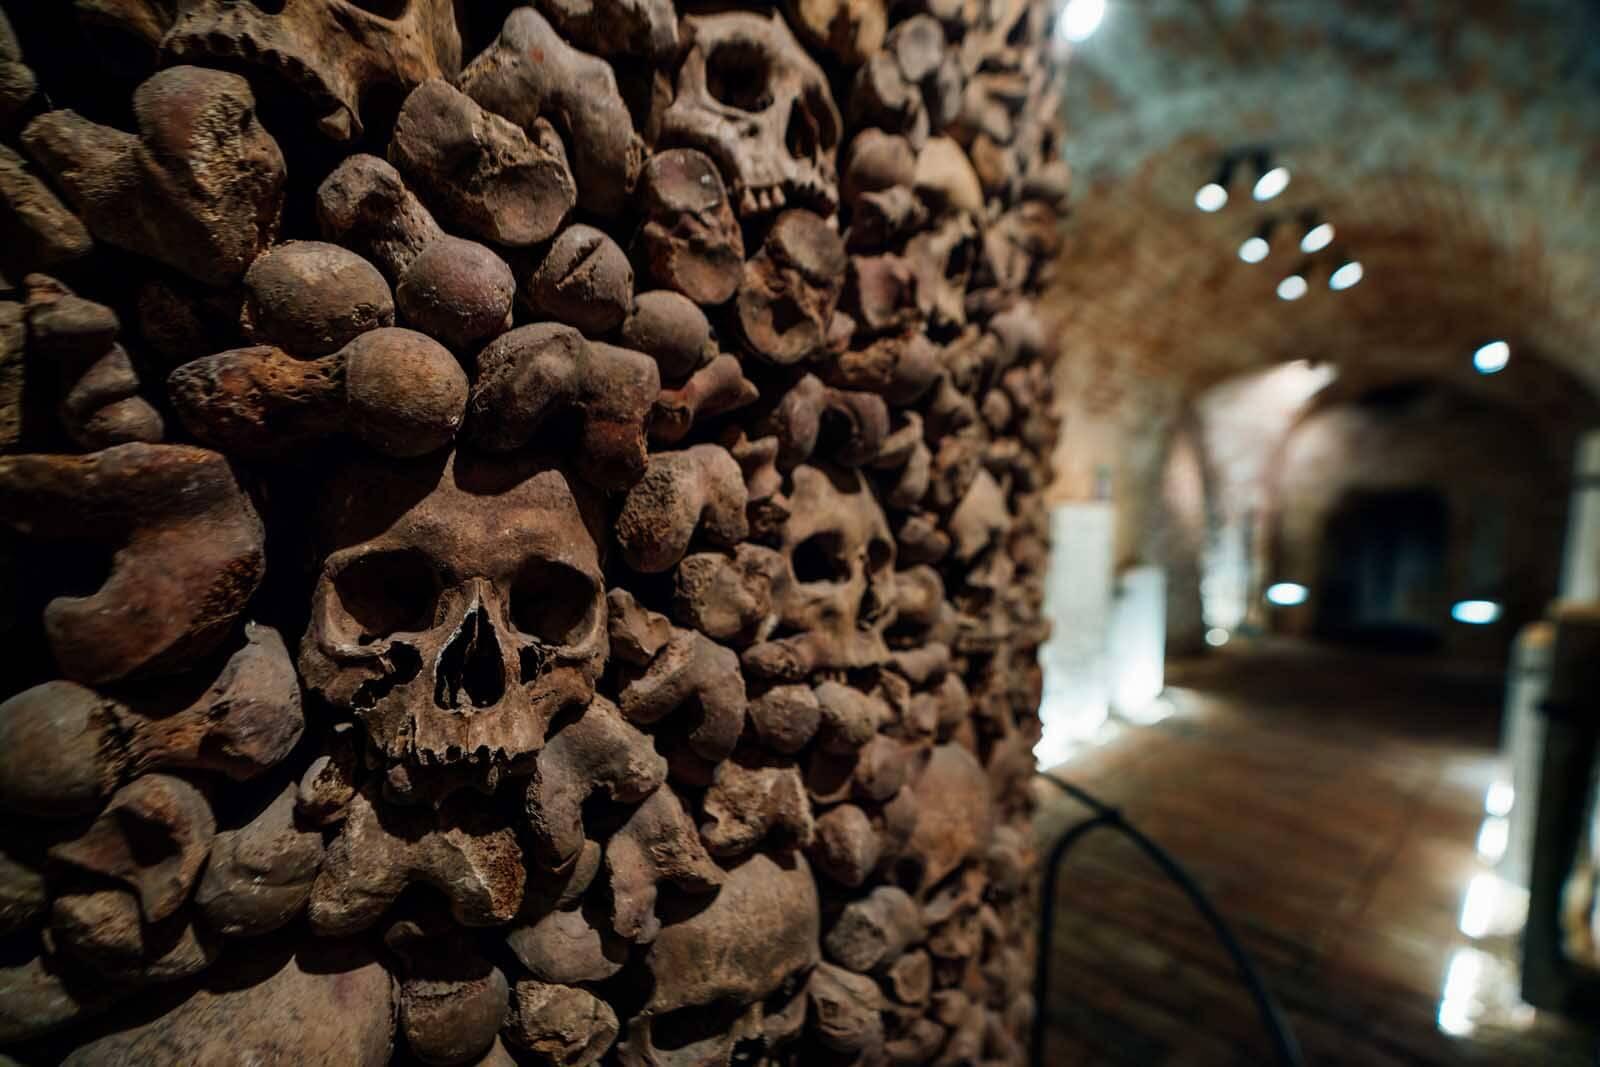 Brno Ossuary and underground